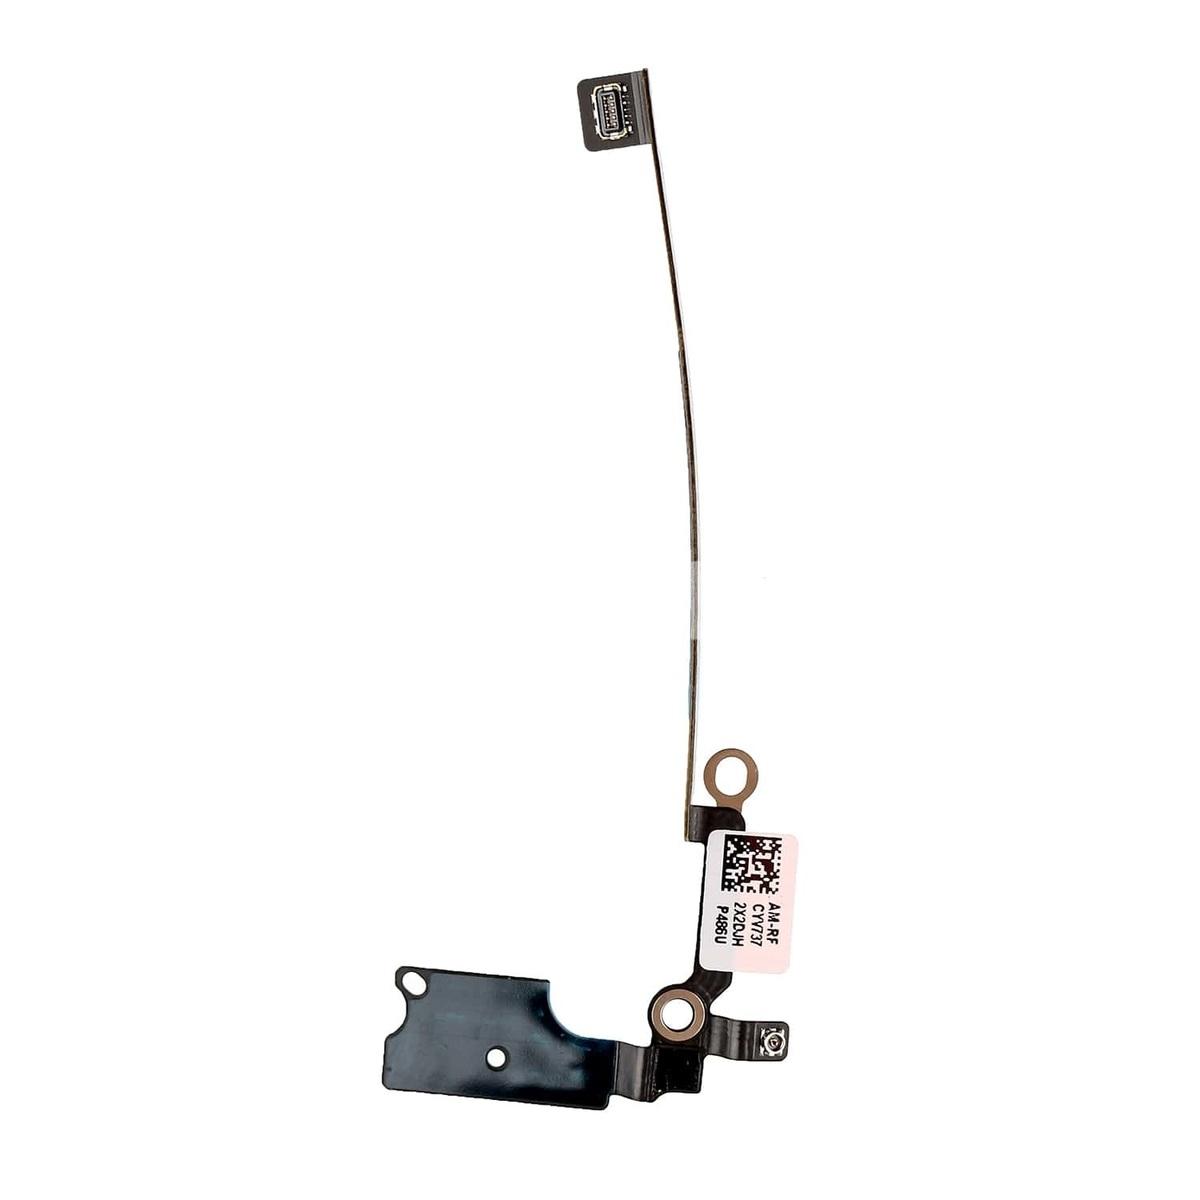 Apple iPhone 8 Plus - Wifi signal anténa